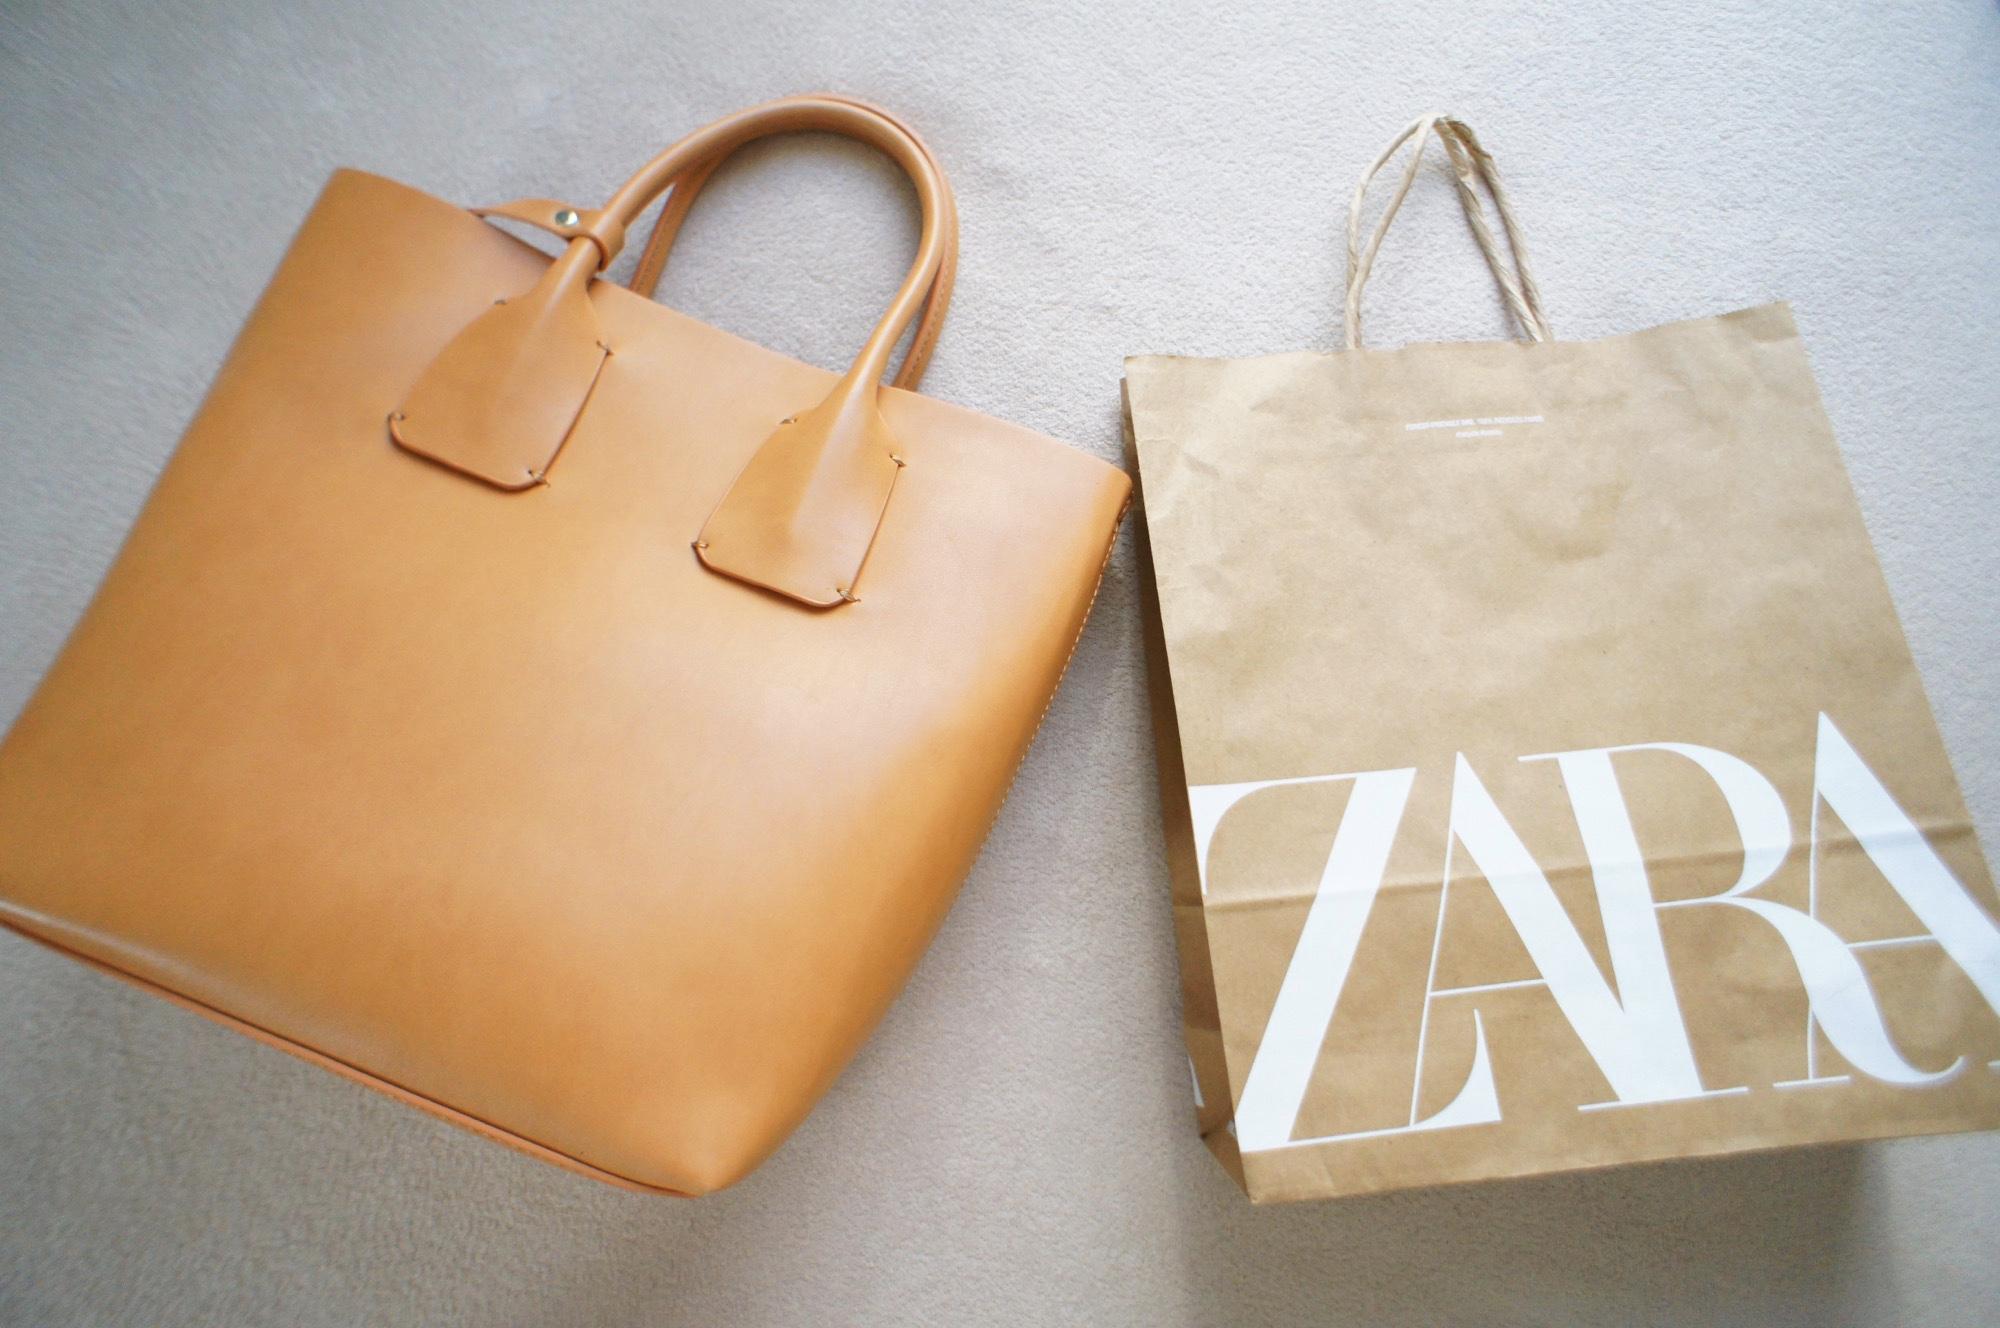 《#ザラジョ 必見❤️》【ZARA】のsaleで購入した2WAYトートバッグが優秀すぎる☻!_1